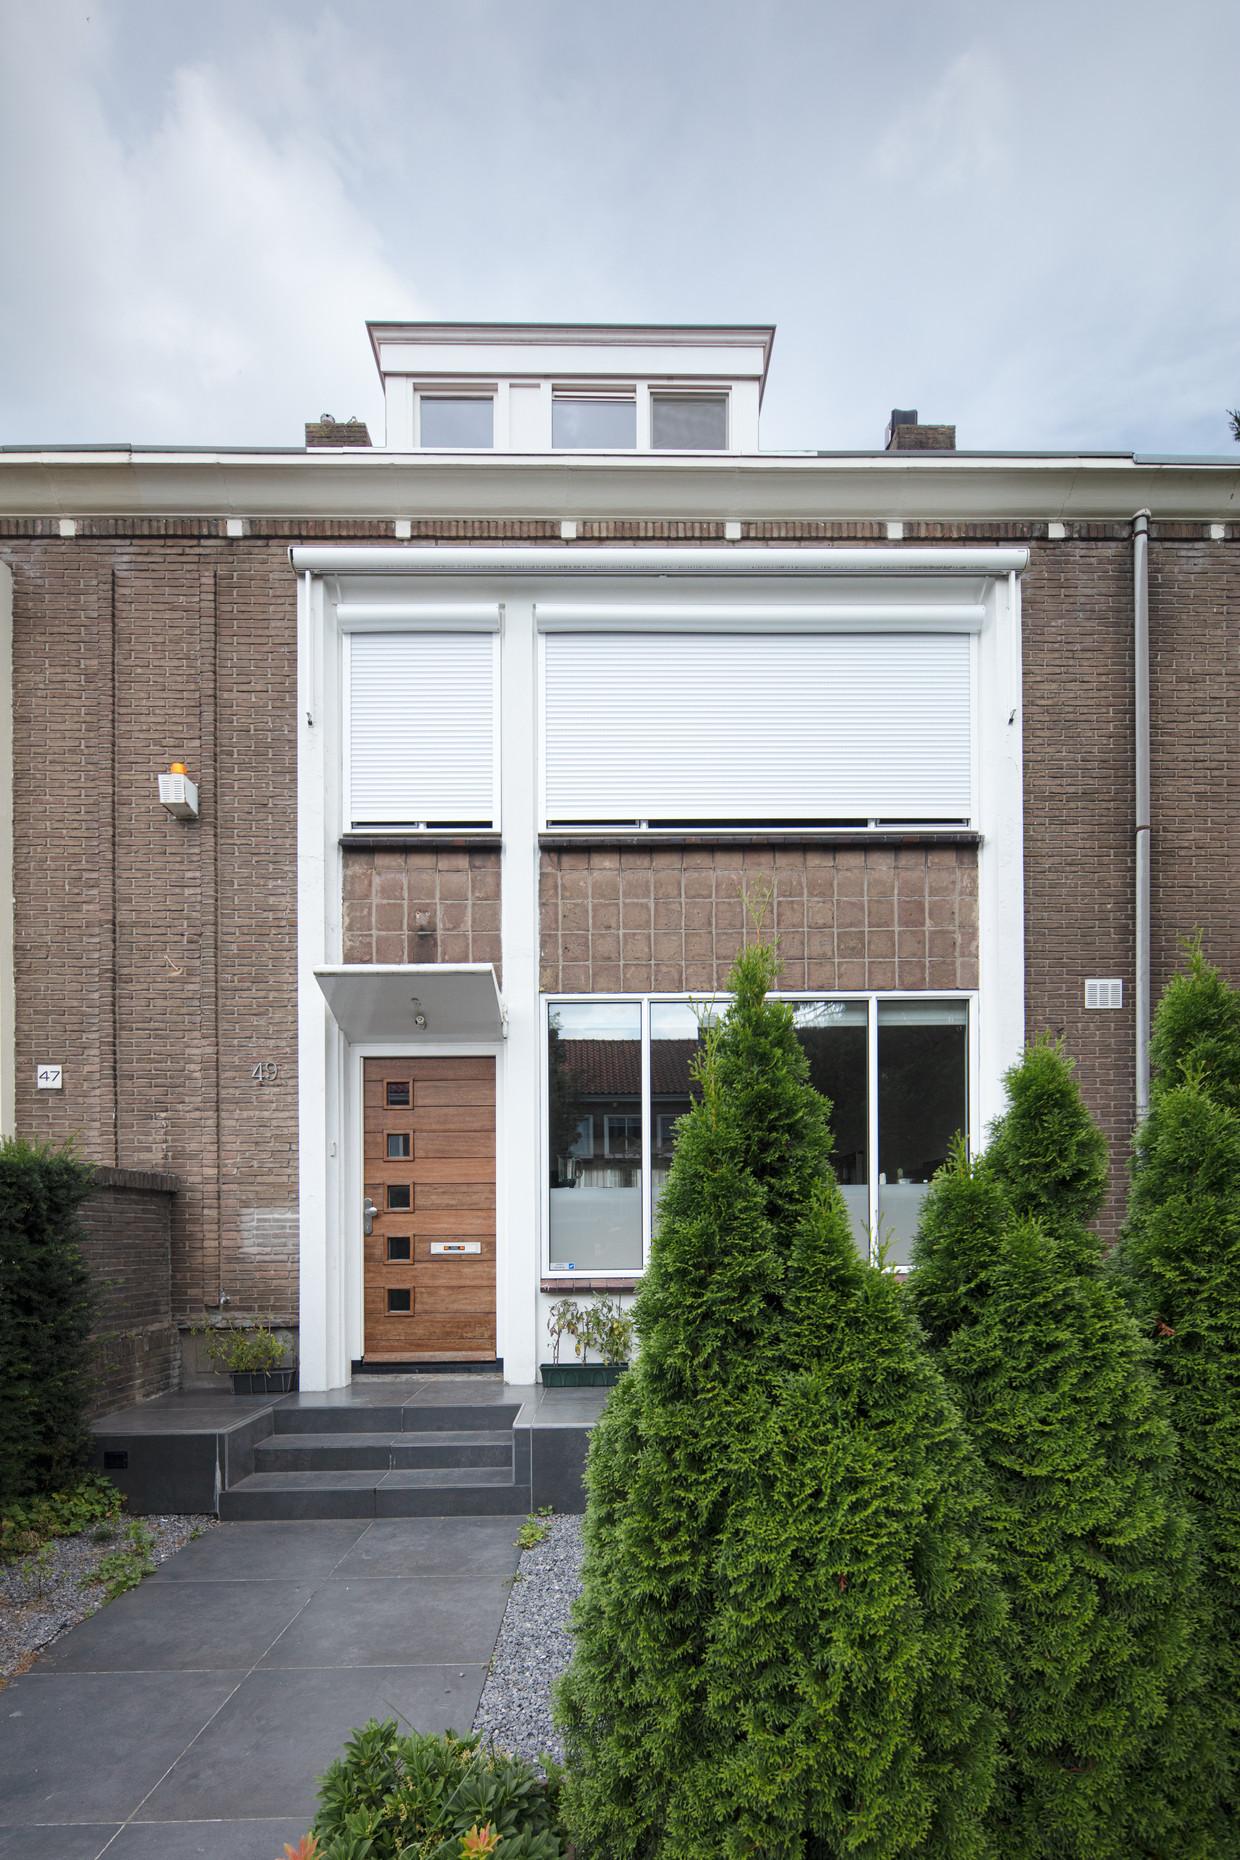 1.495.000 euro: Henriëtte Bosmansstraat 49, Amsterdam